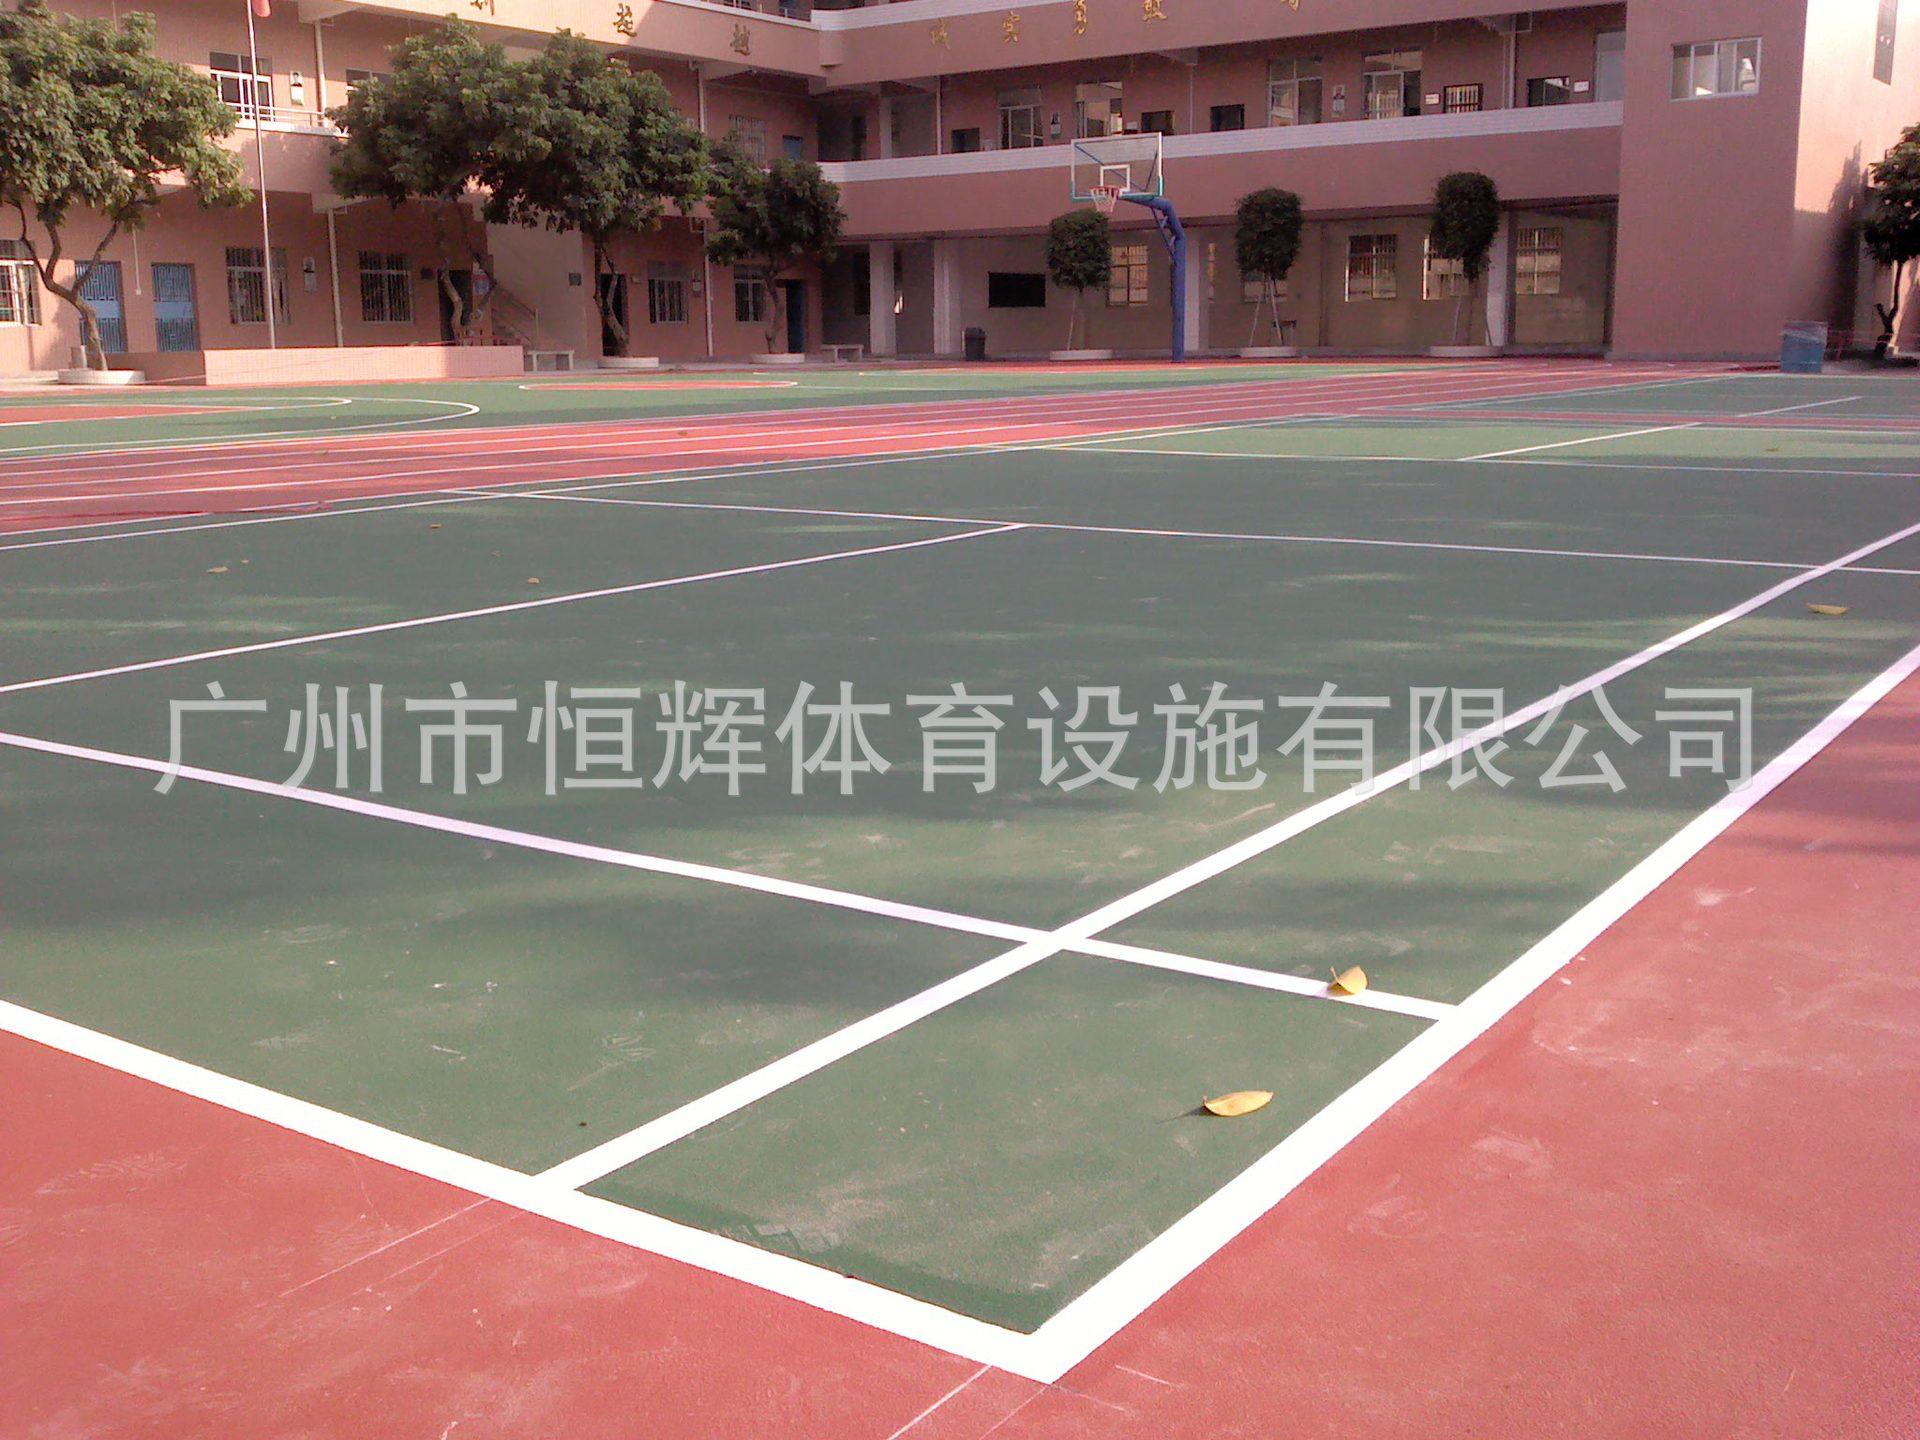 家专业生产运动塑胶球场 优质跑道塑胶球场 安全环保塑胶球场